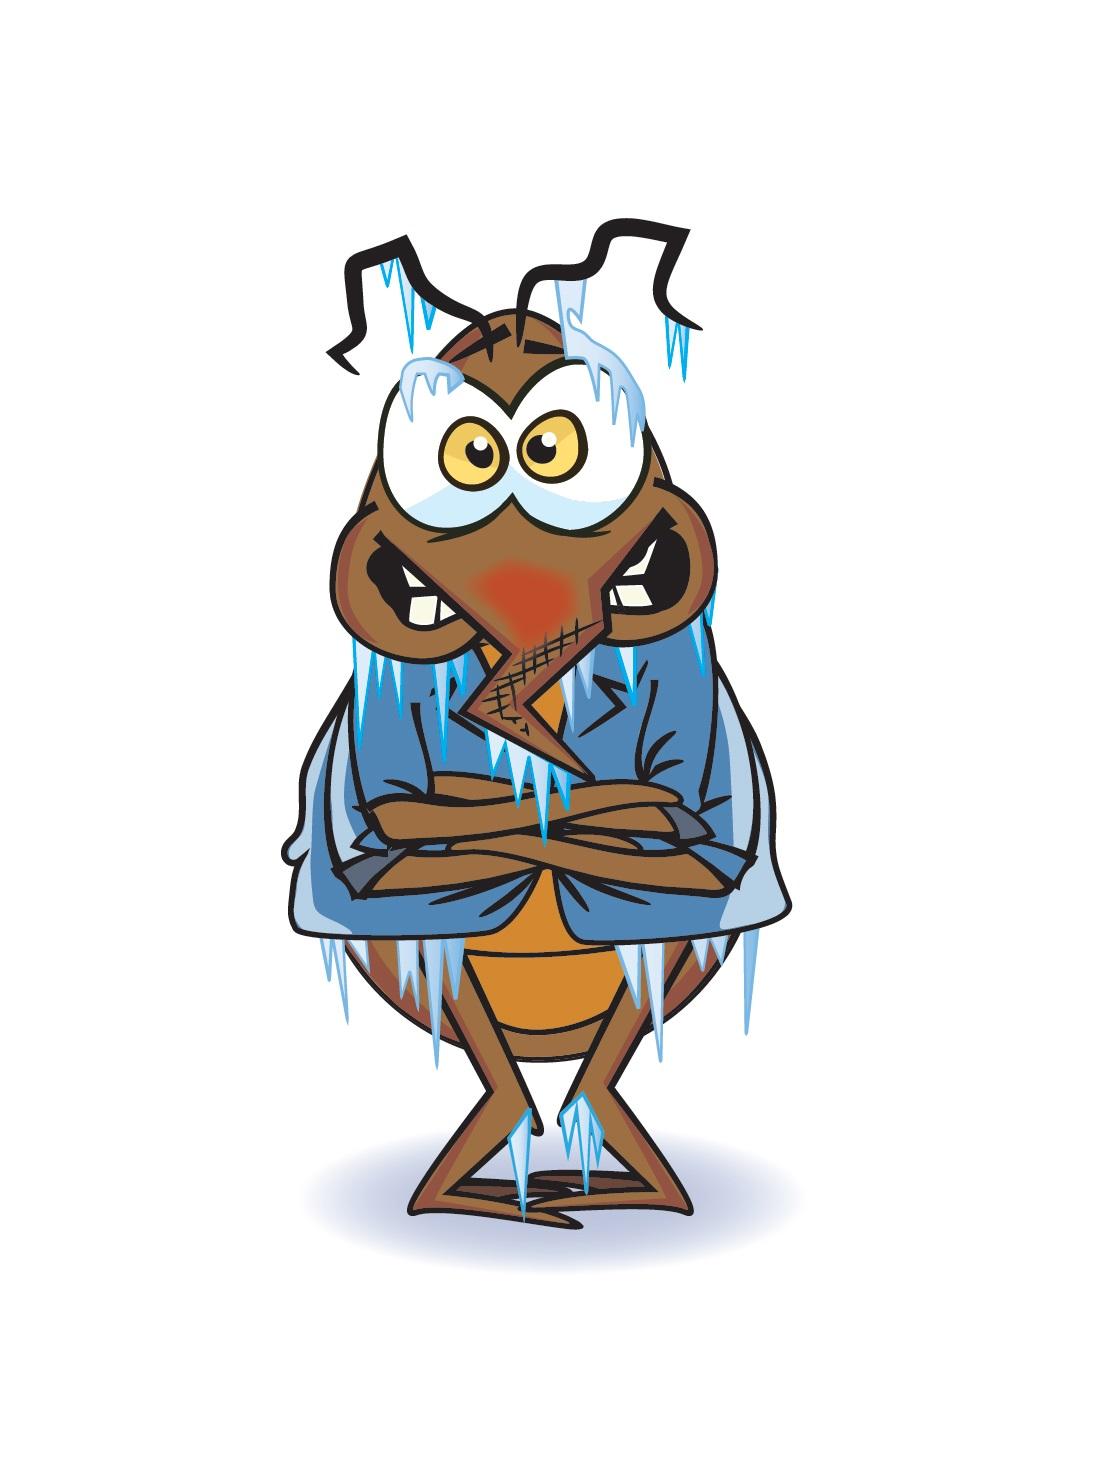 bedbug_image